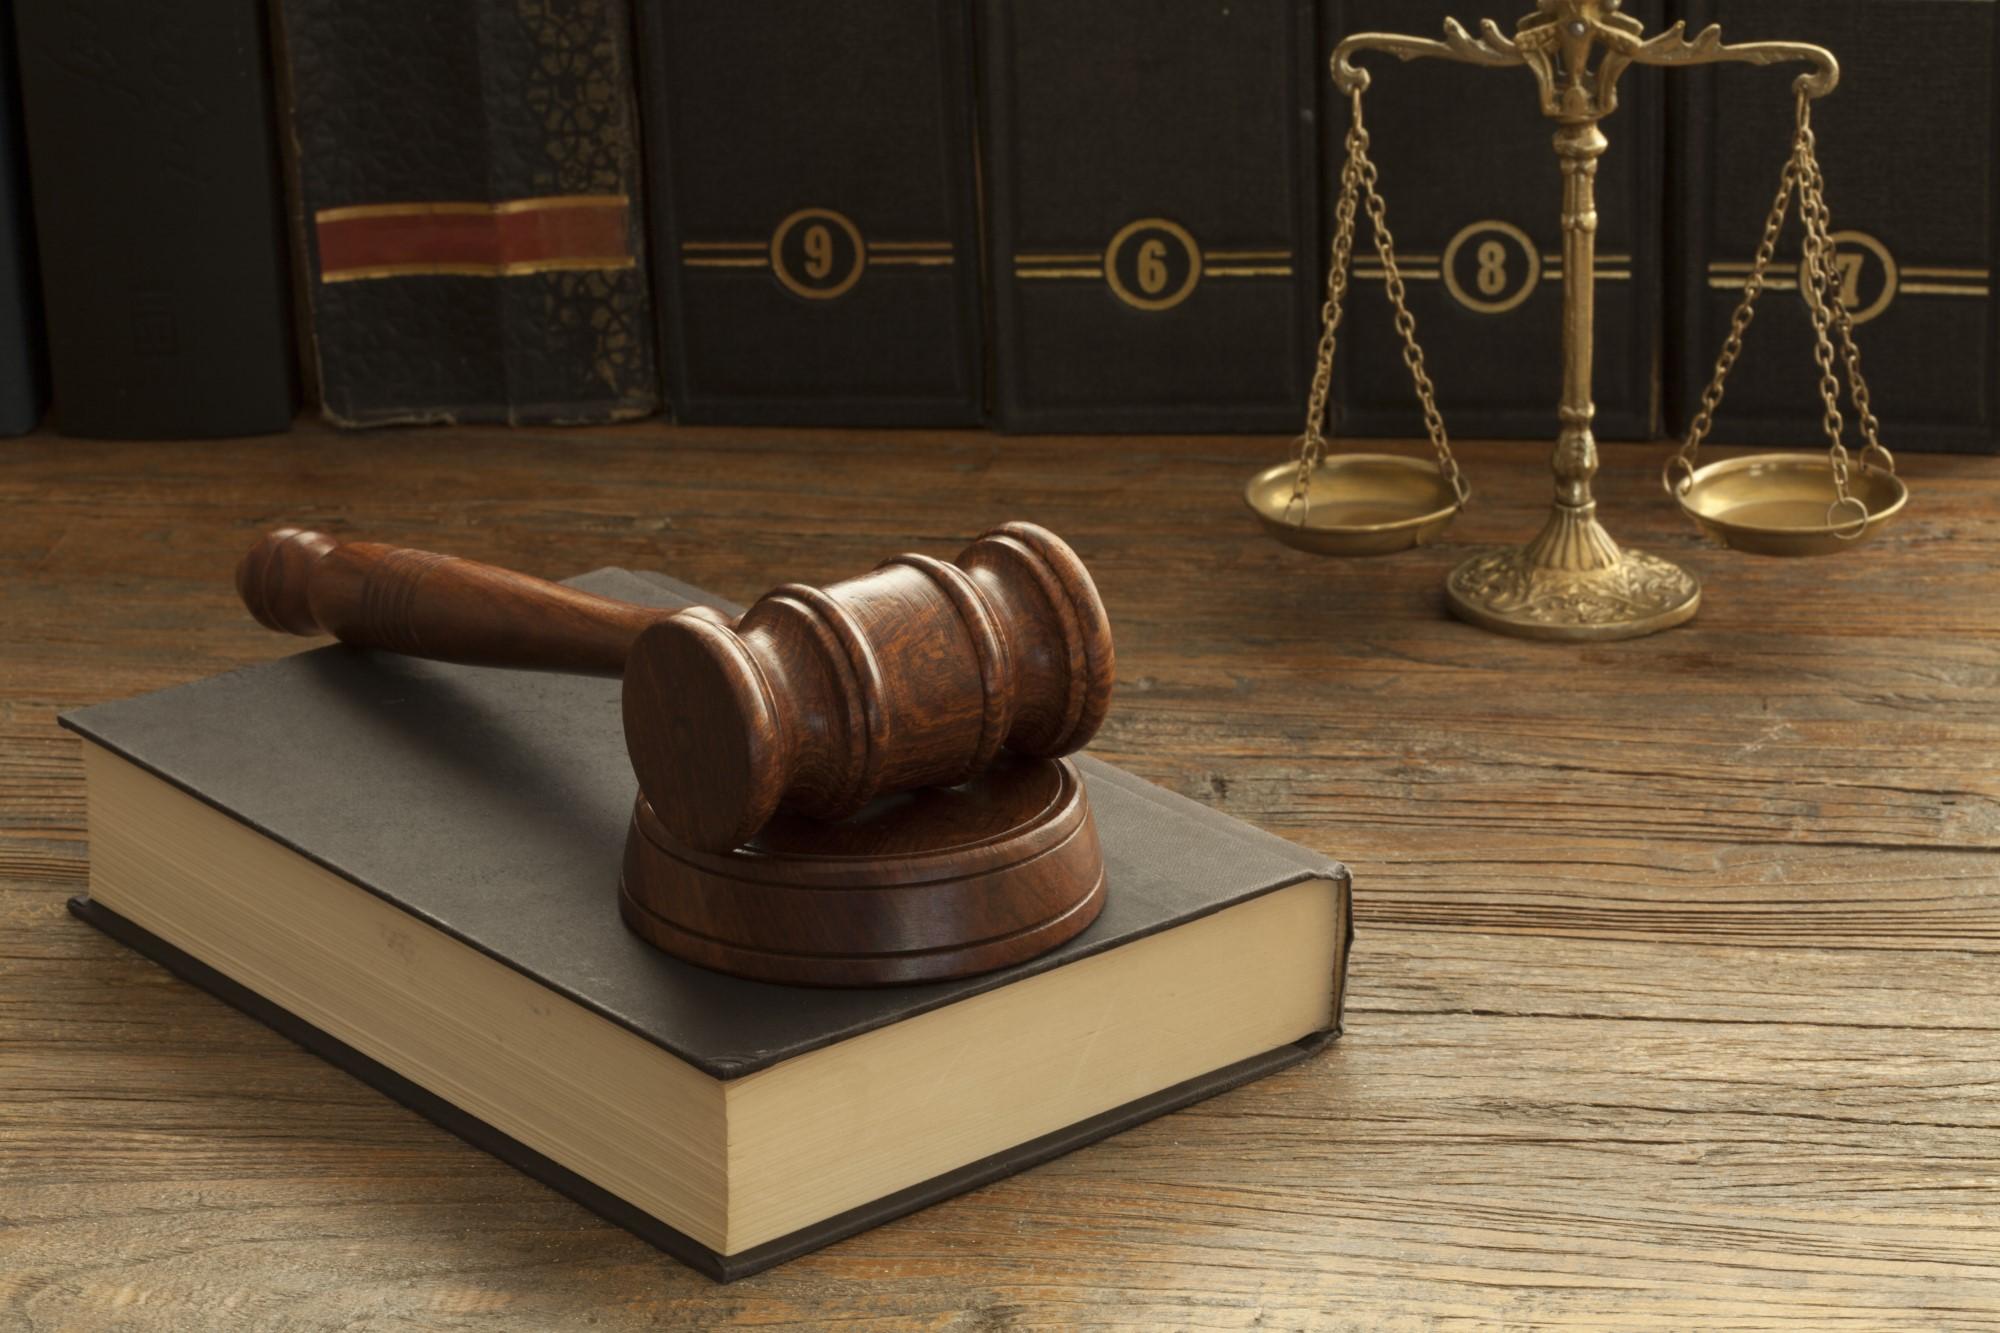 Postęp technologiczny w kancelariach prawnych - Zdjęcie główne